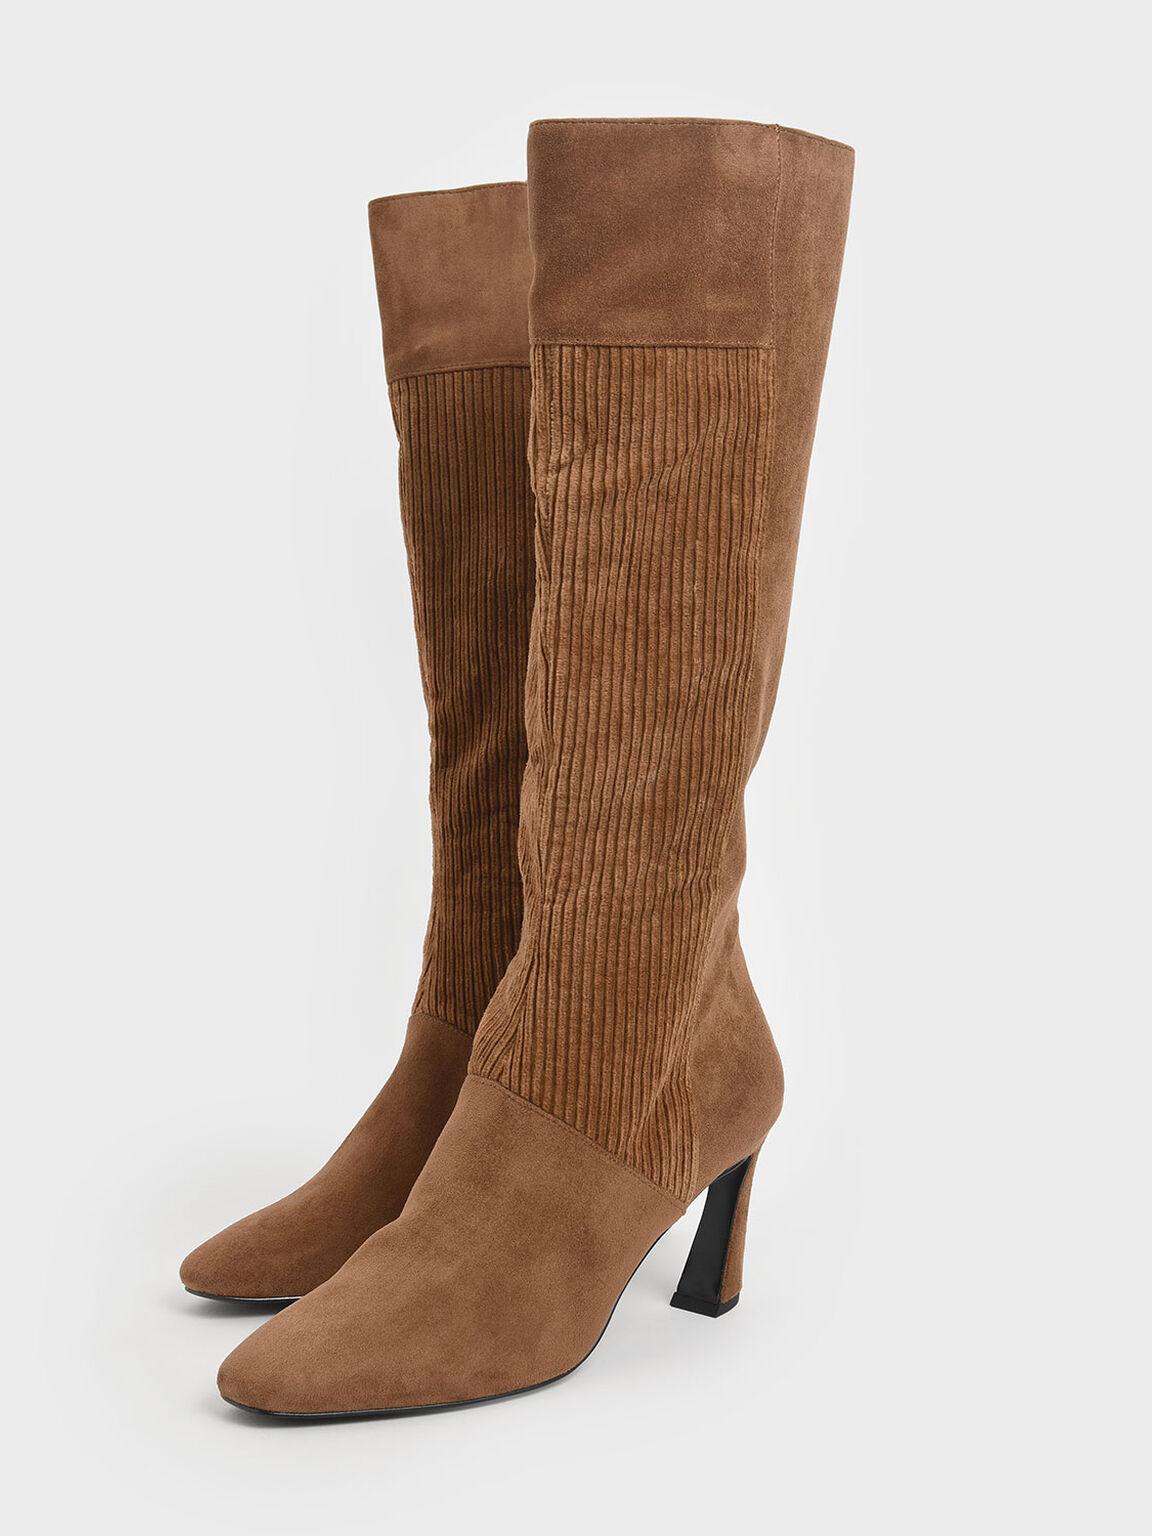 Corduroy Sculptural Heel Knee High Boots, Mustard, hi-res